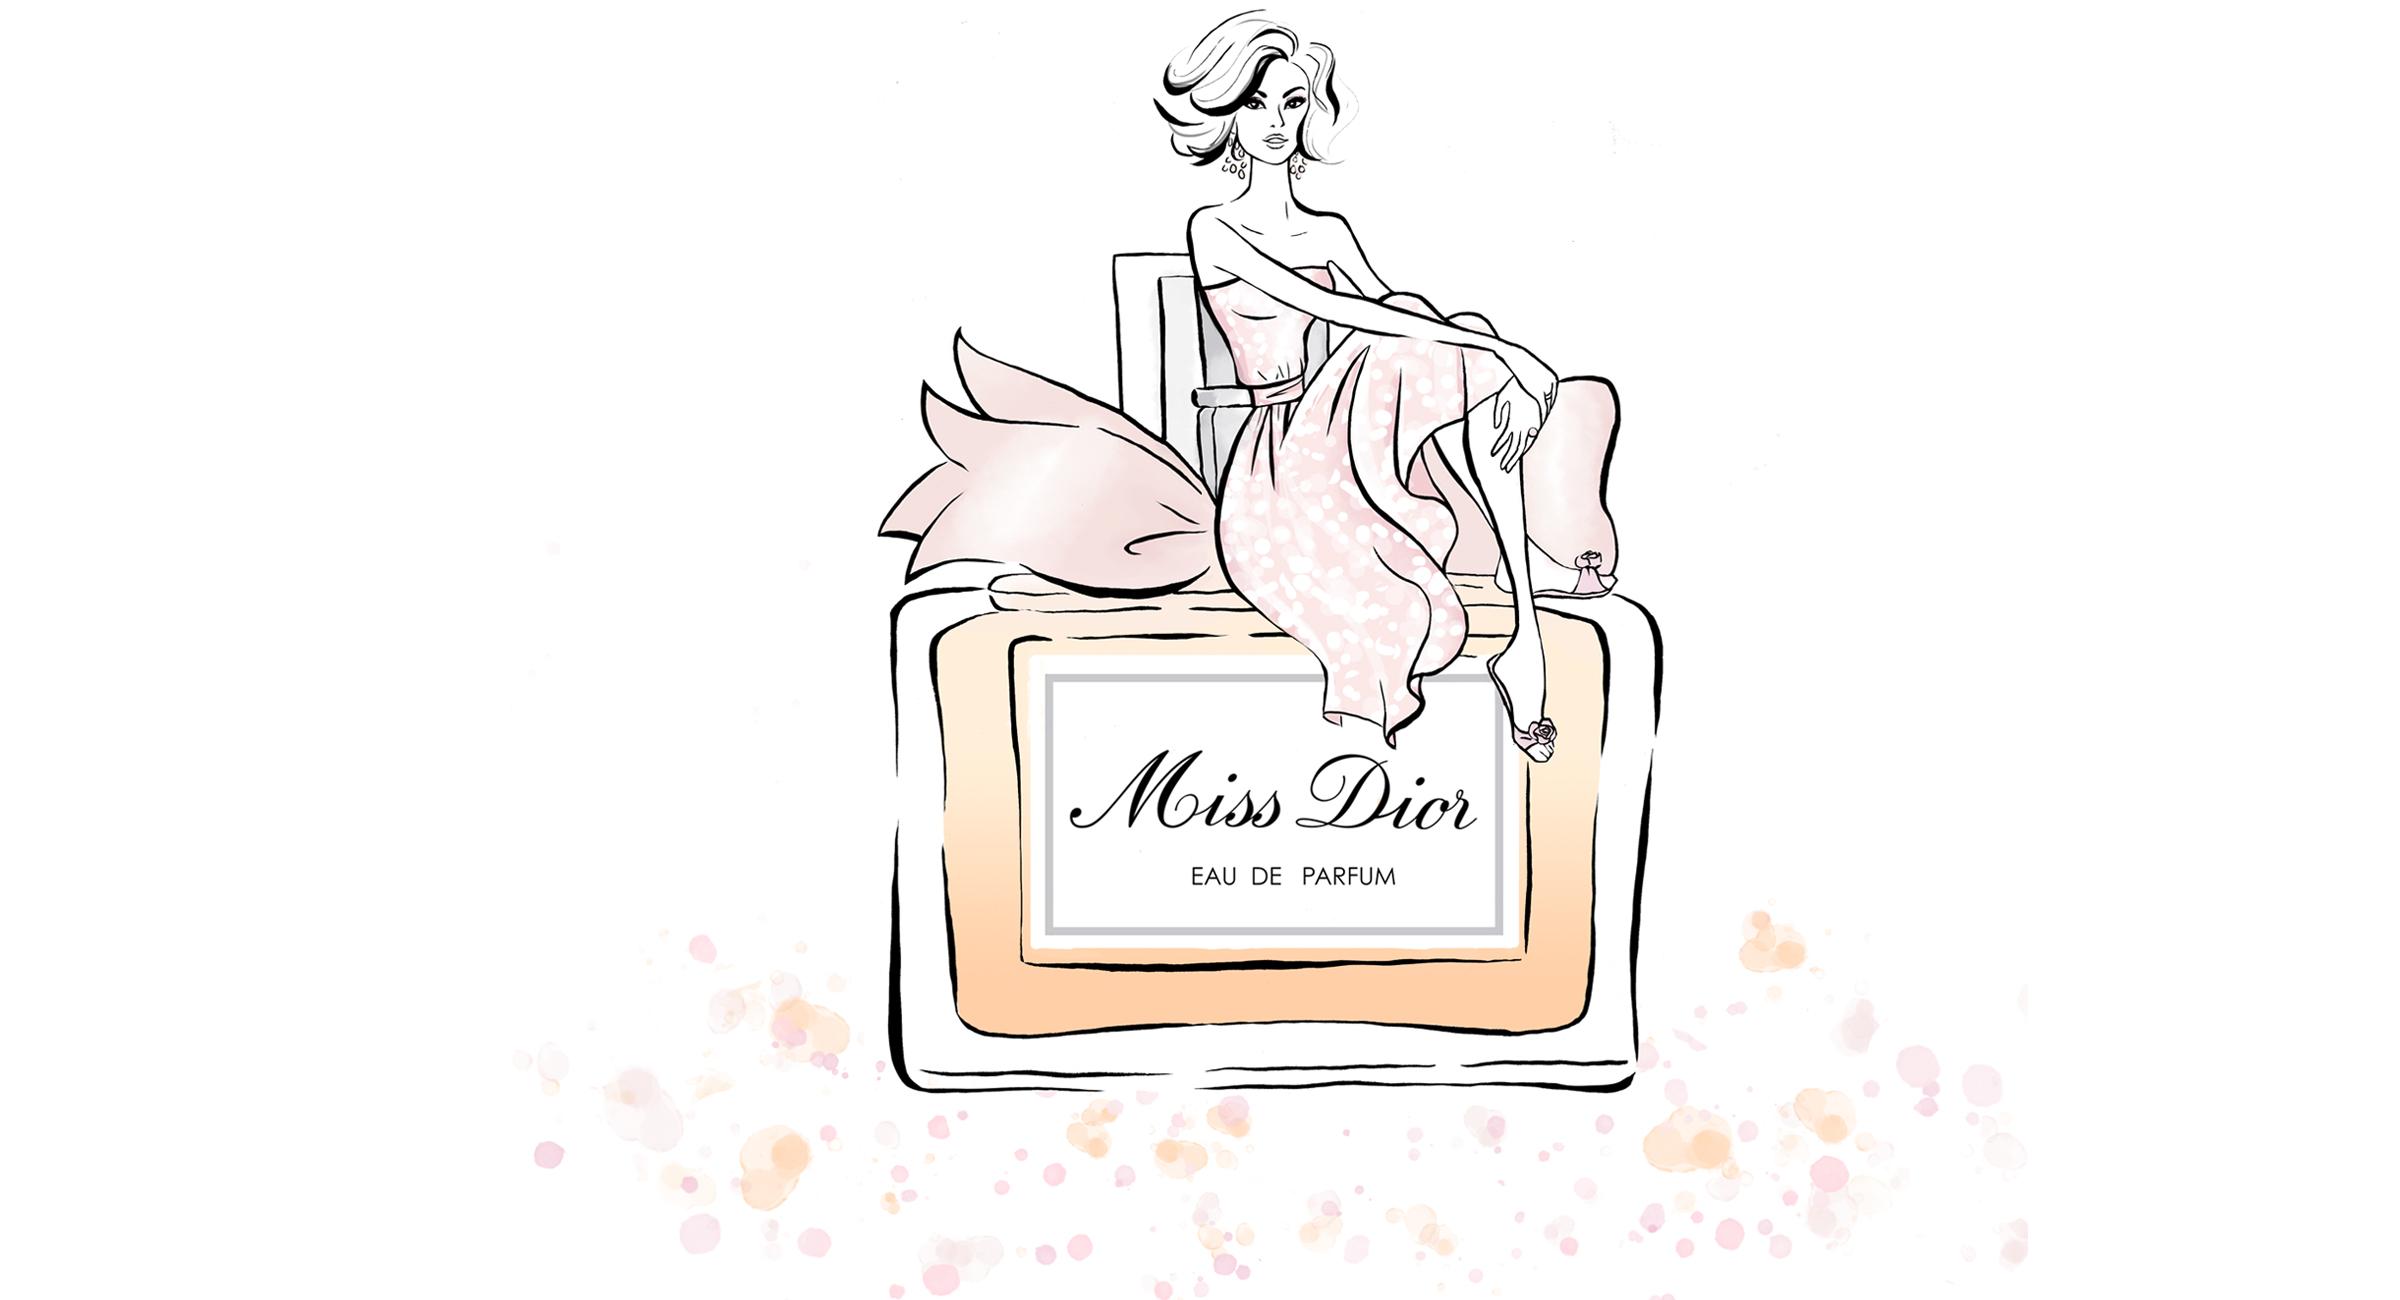 MISS_DIOR 2